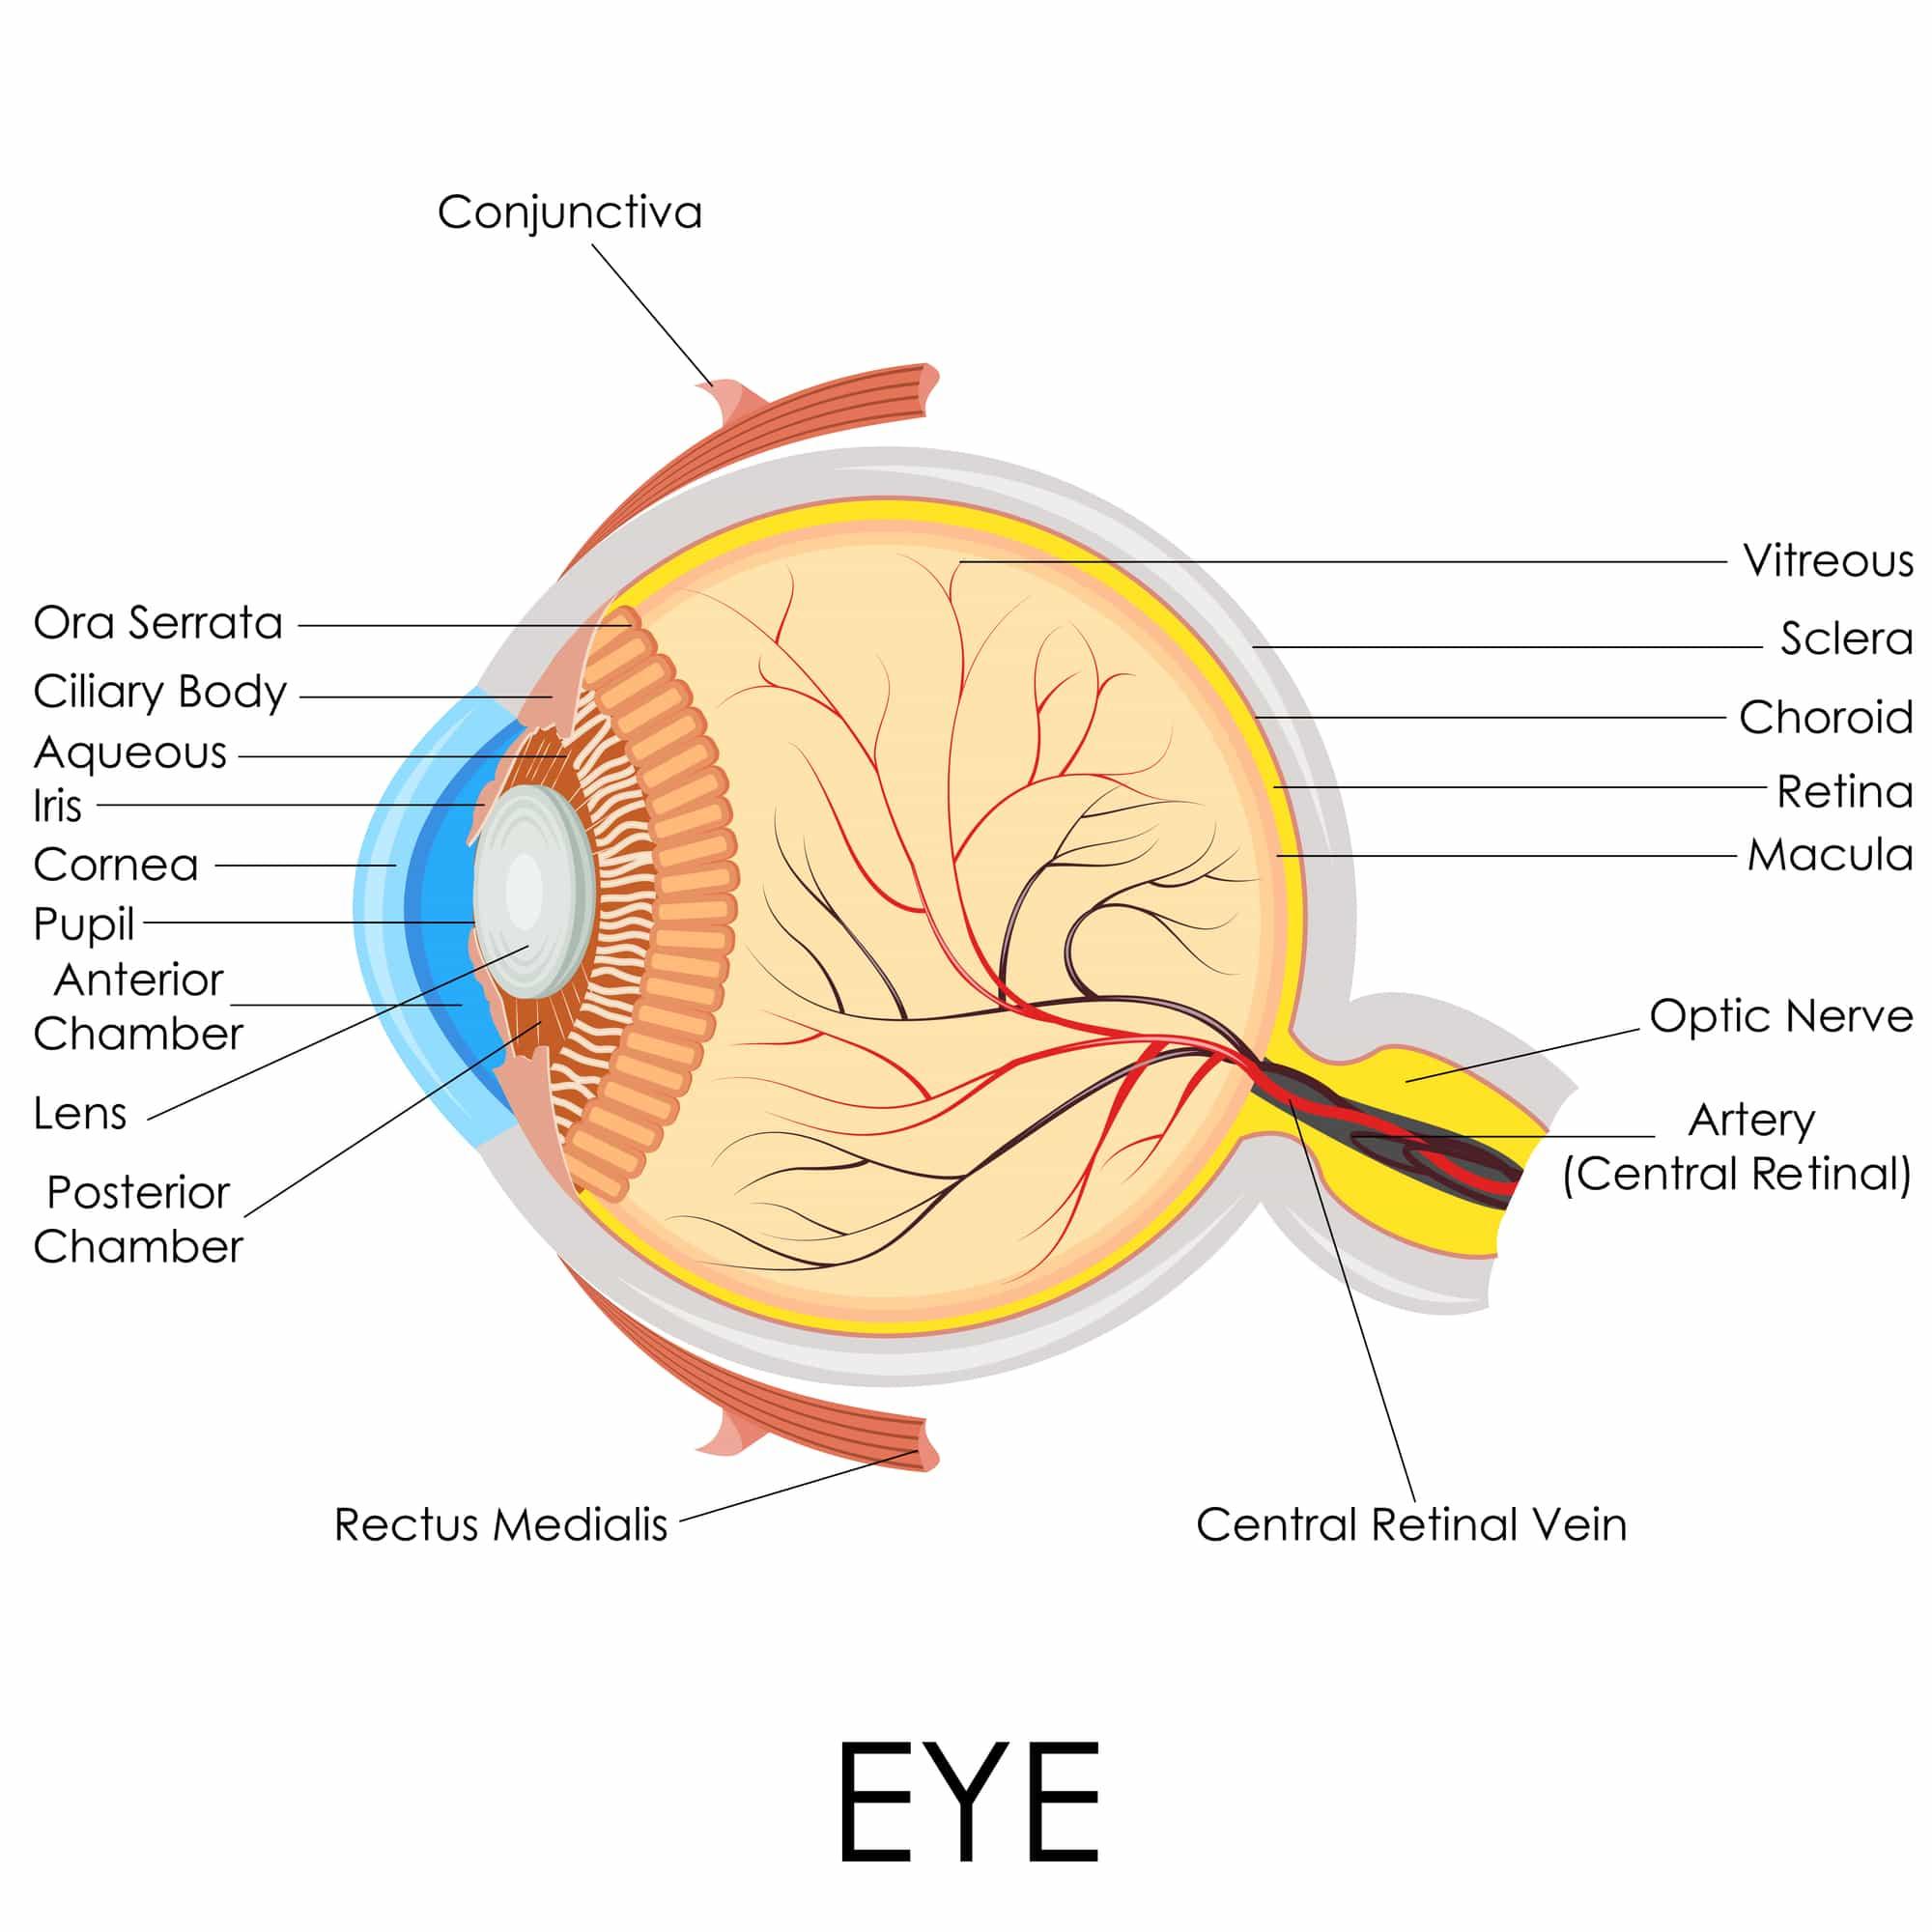 החלקים העיקריים של העין והתפקיד שממלא כל חלק בתהליך הראייה – אופטיקה יפעת